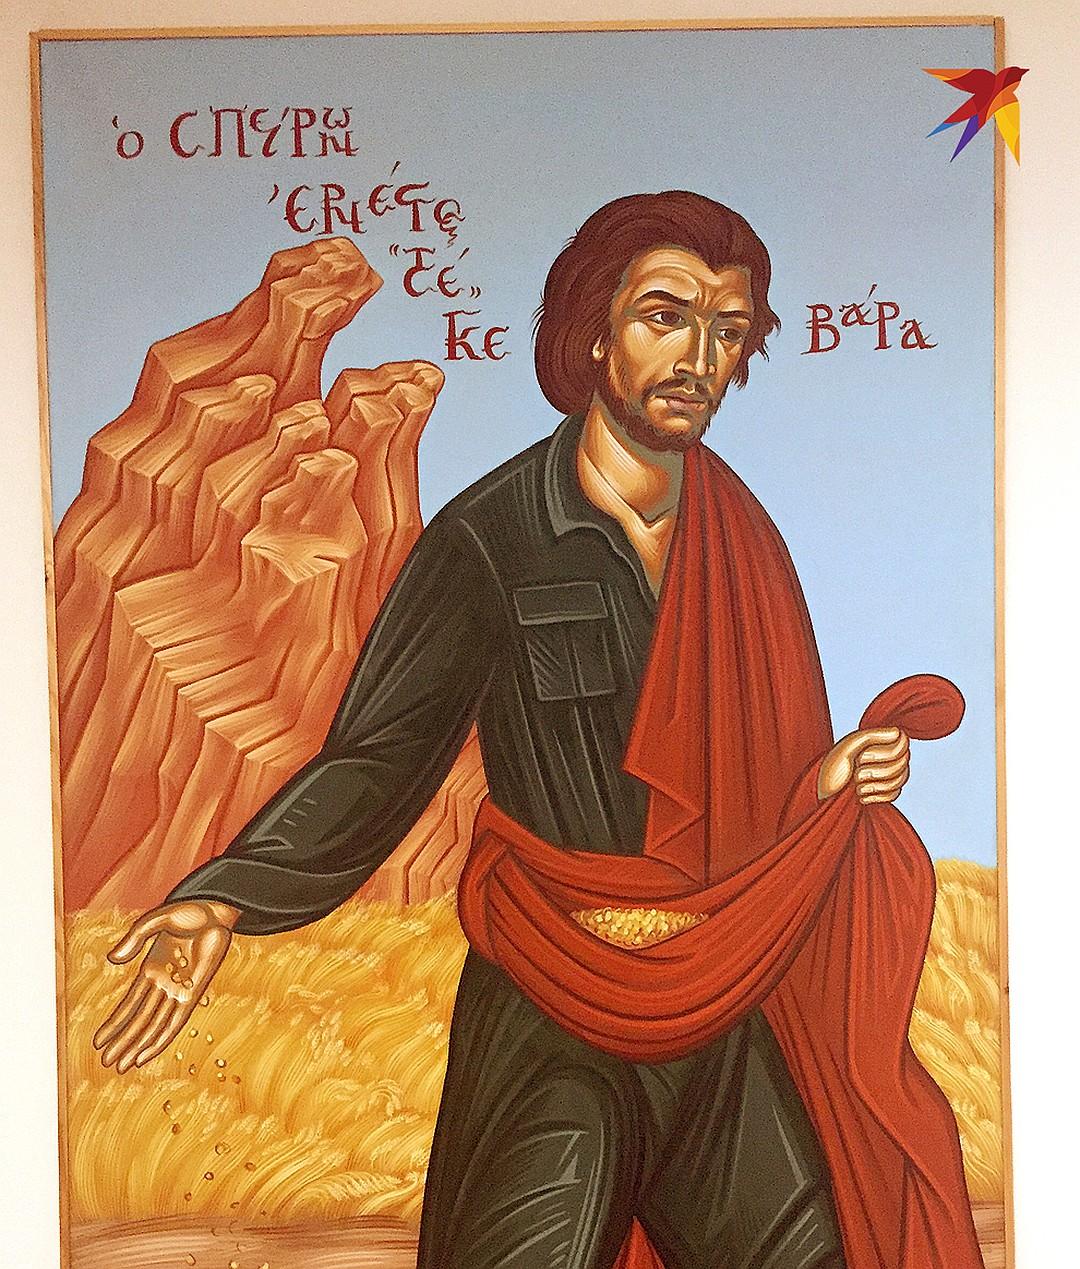 В Греции часто рисуют революционера Че Геваре в виде библейского сеятеля. Фото: Дарья АСЛАМОВА